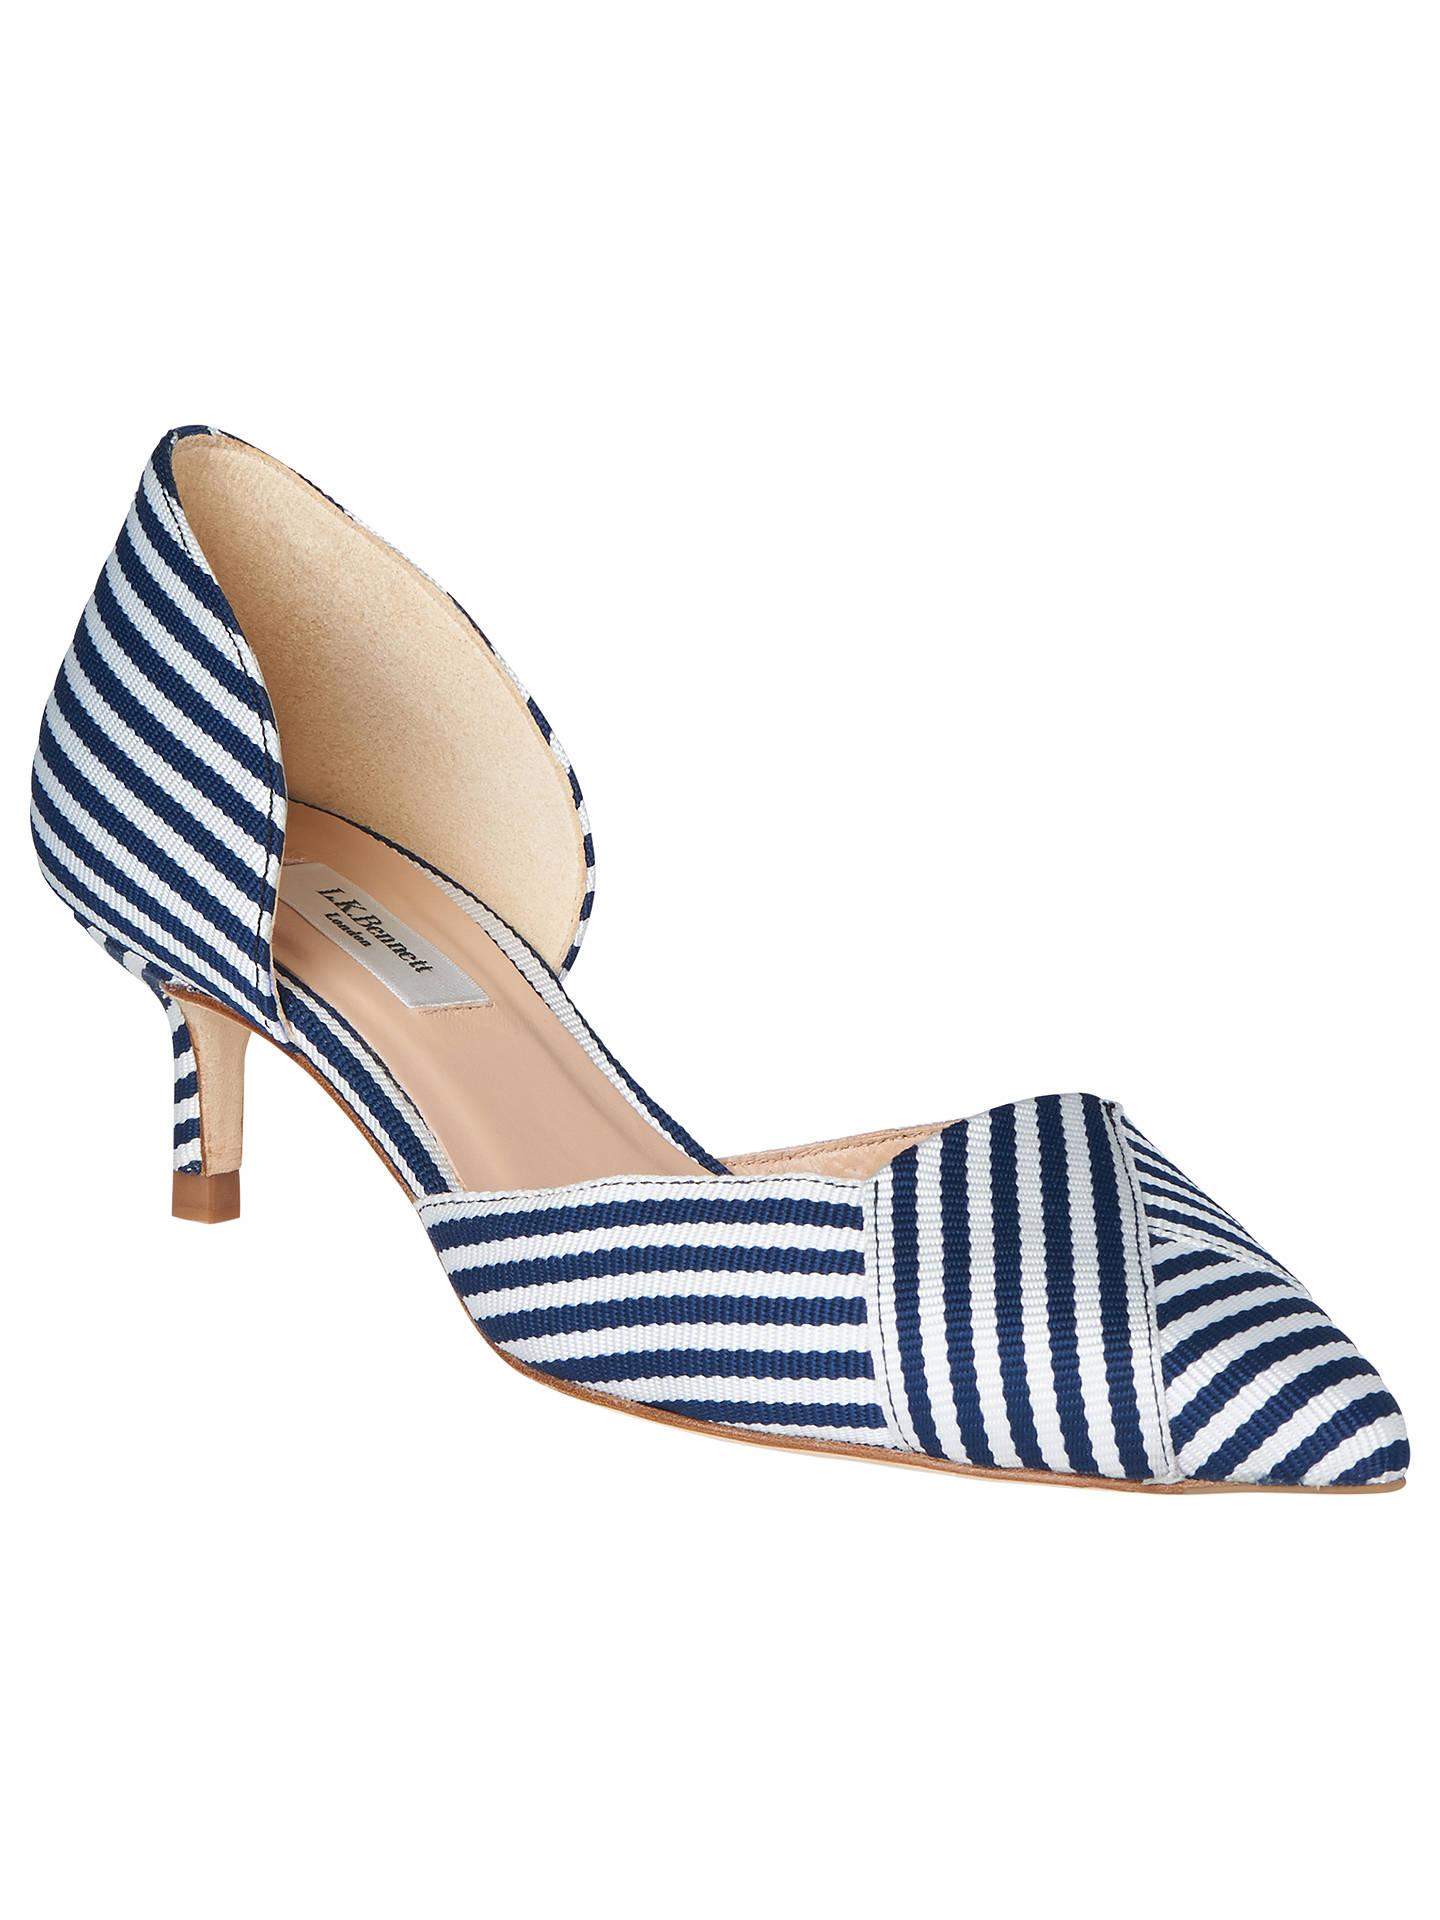 b1d64948523 ... Buy L.K.Bennett Steph Two Part Kitten Heel Court Shoes